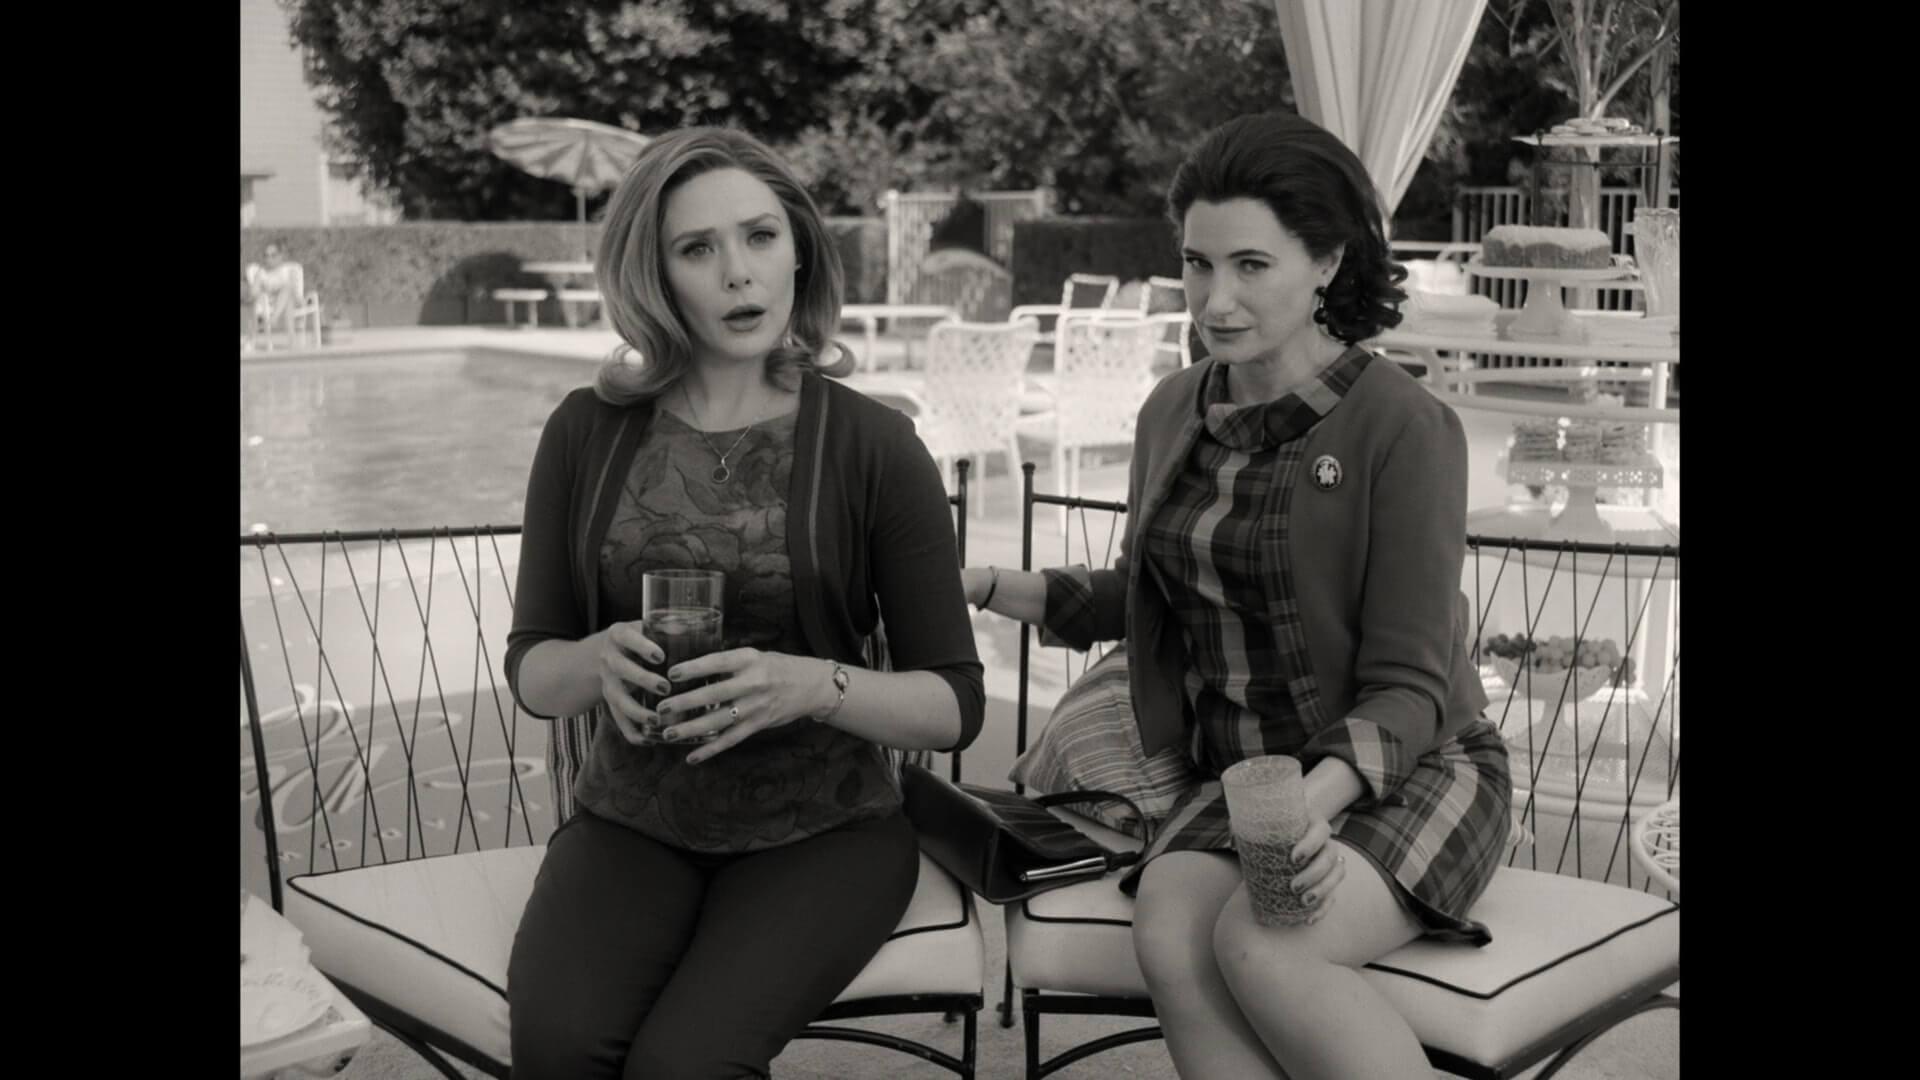 當年的女性大多數穿著裙子,穿著褲裝的Wanda顯得與眾不同。